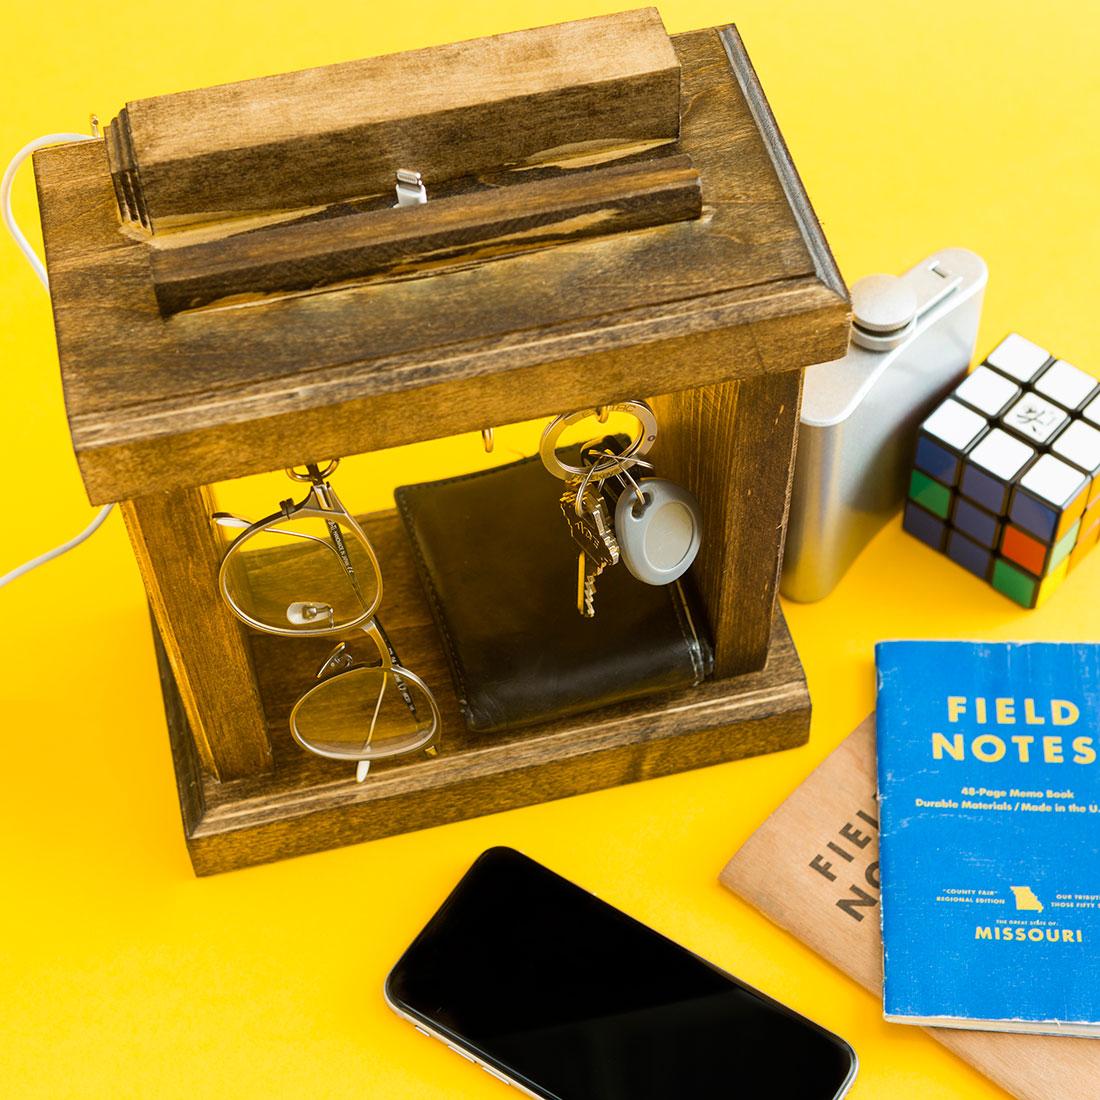 Nghịch gỗ chế khung đa năng: Vừa sạc điện thoại, vừa treo chìa khoá - Ảnh 12.